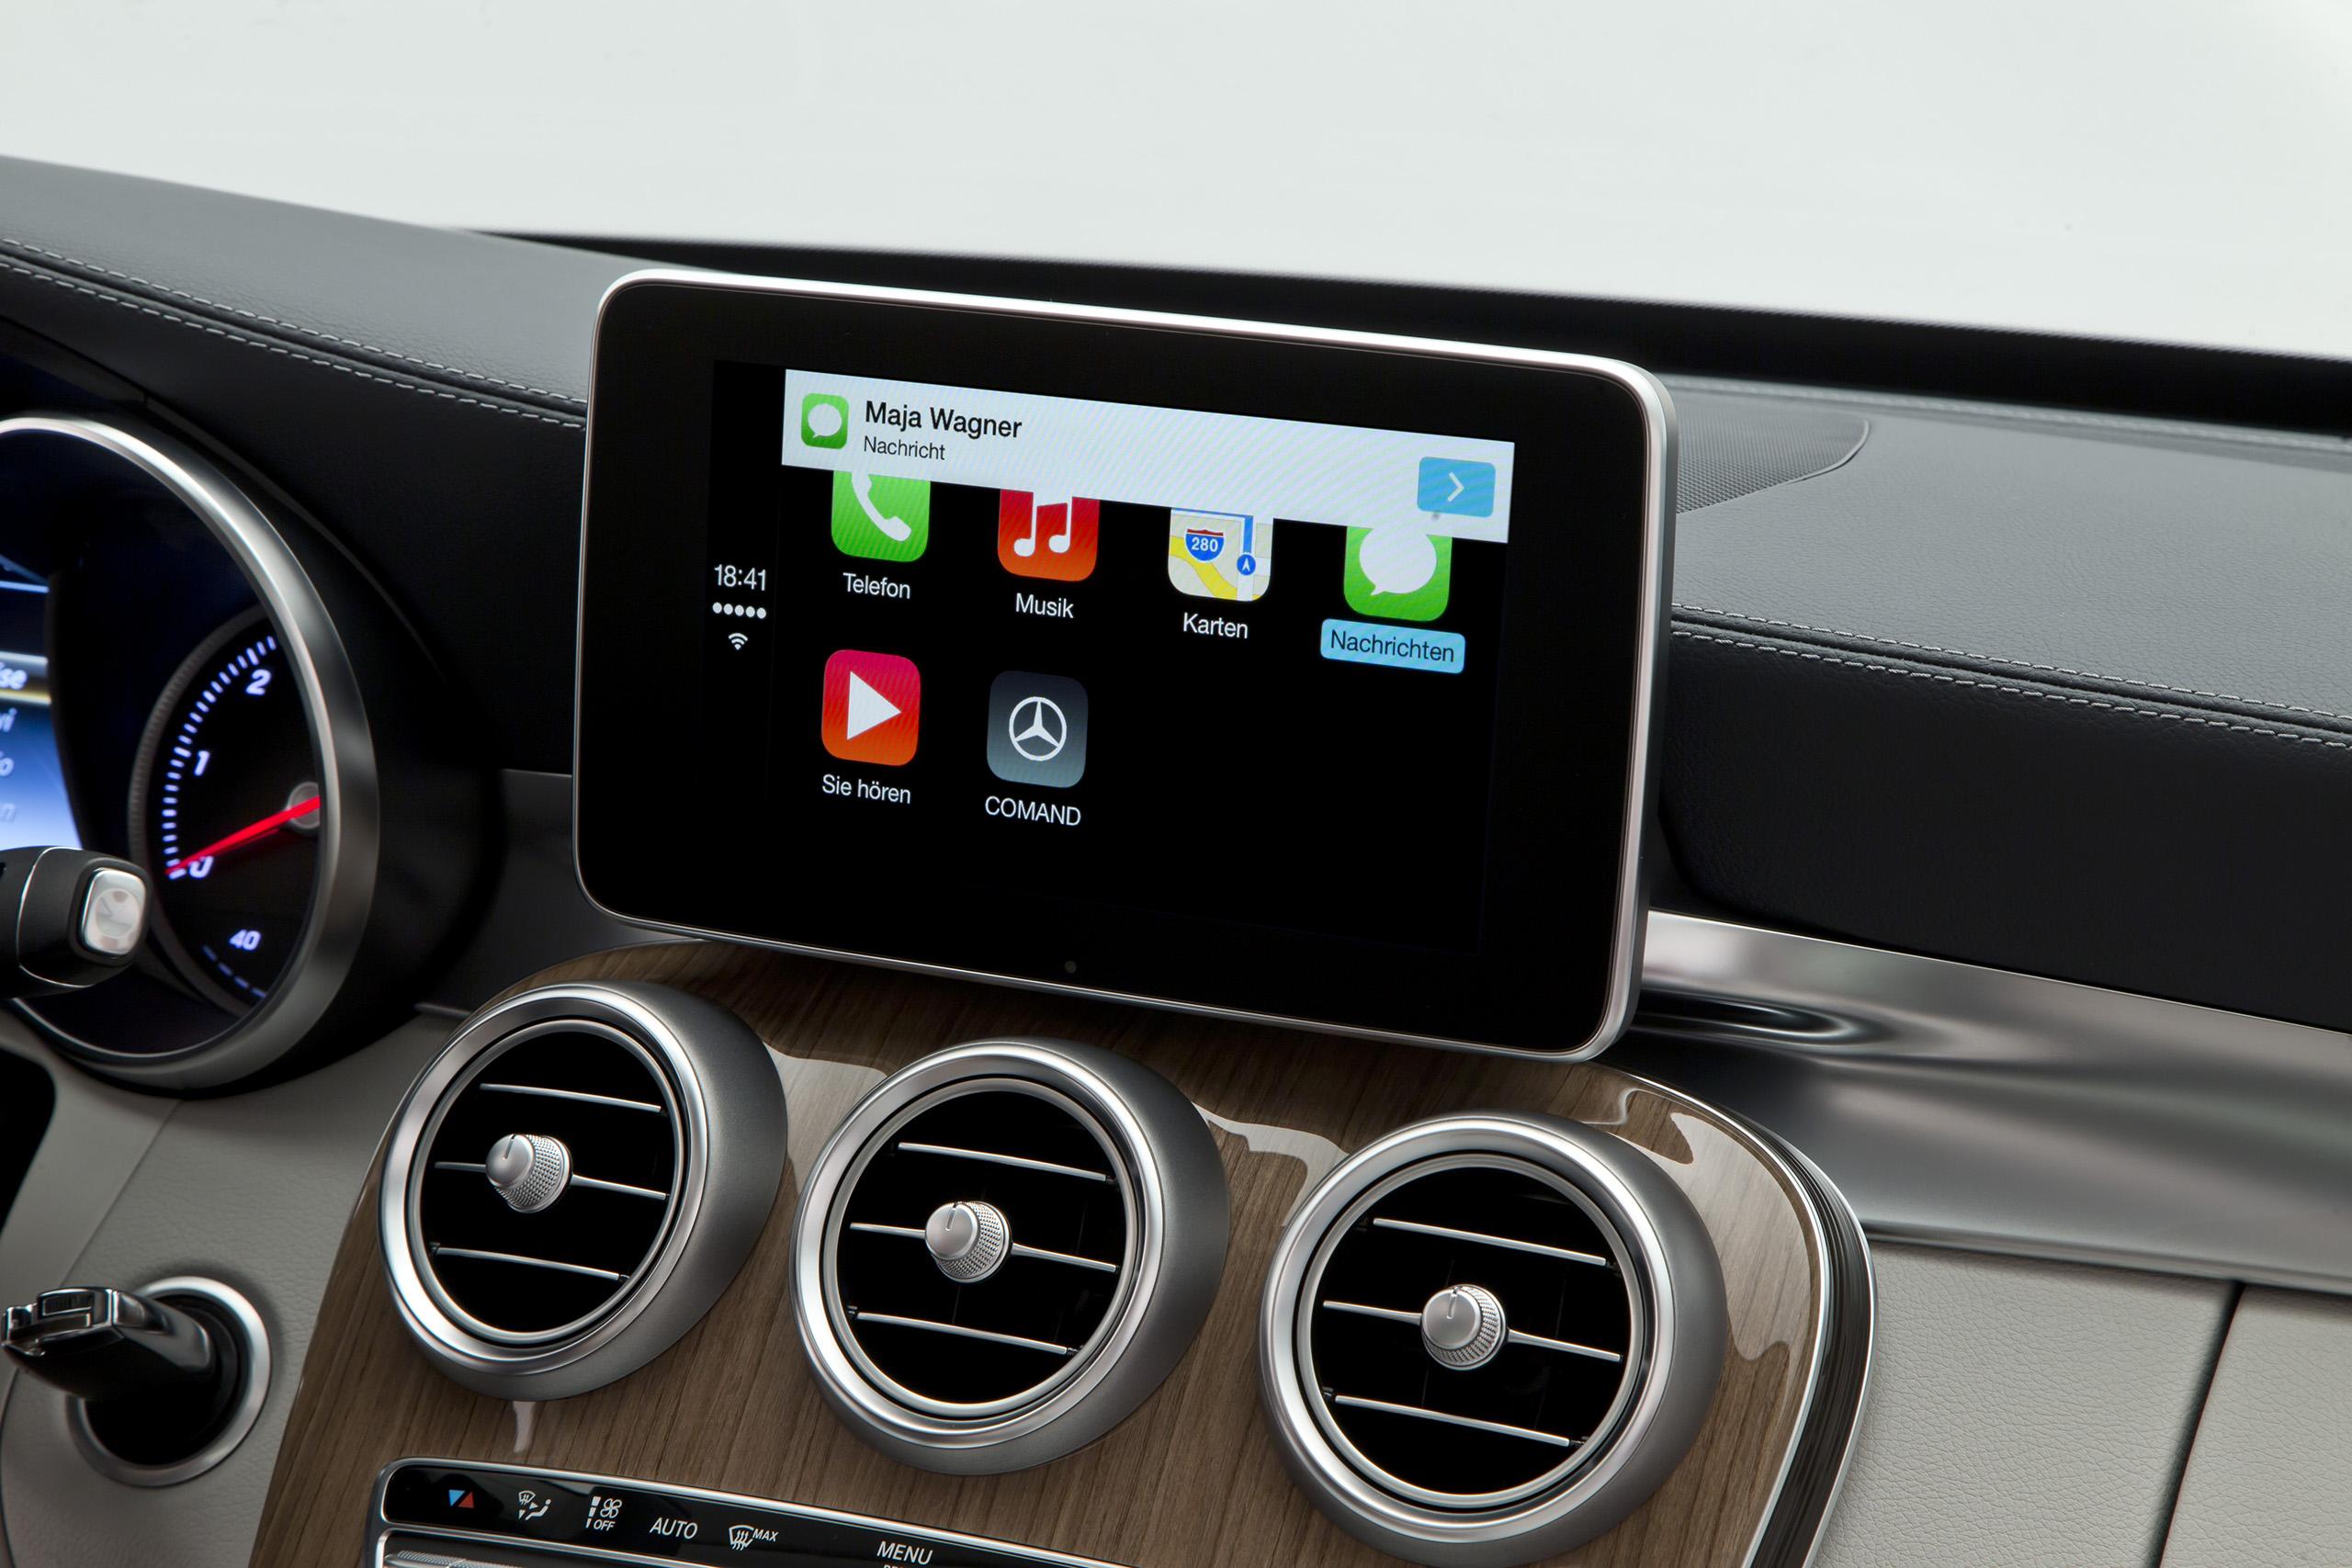 Обзор системы для автомобиля Pioneer AppRadio 4 с встроенной Apple CarPlay